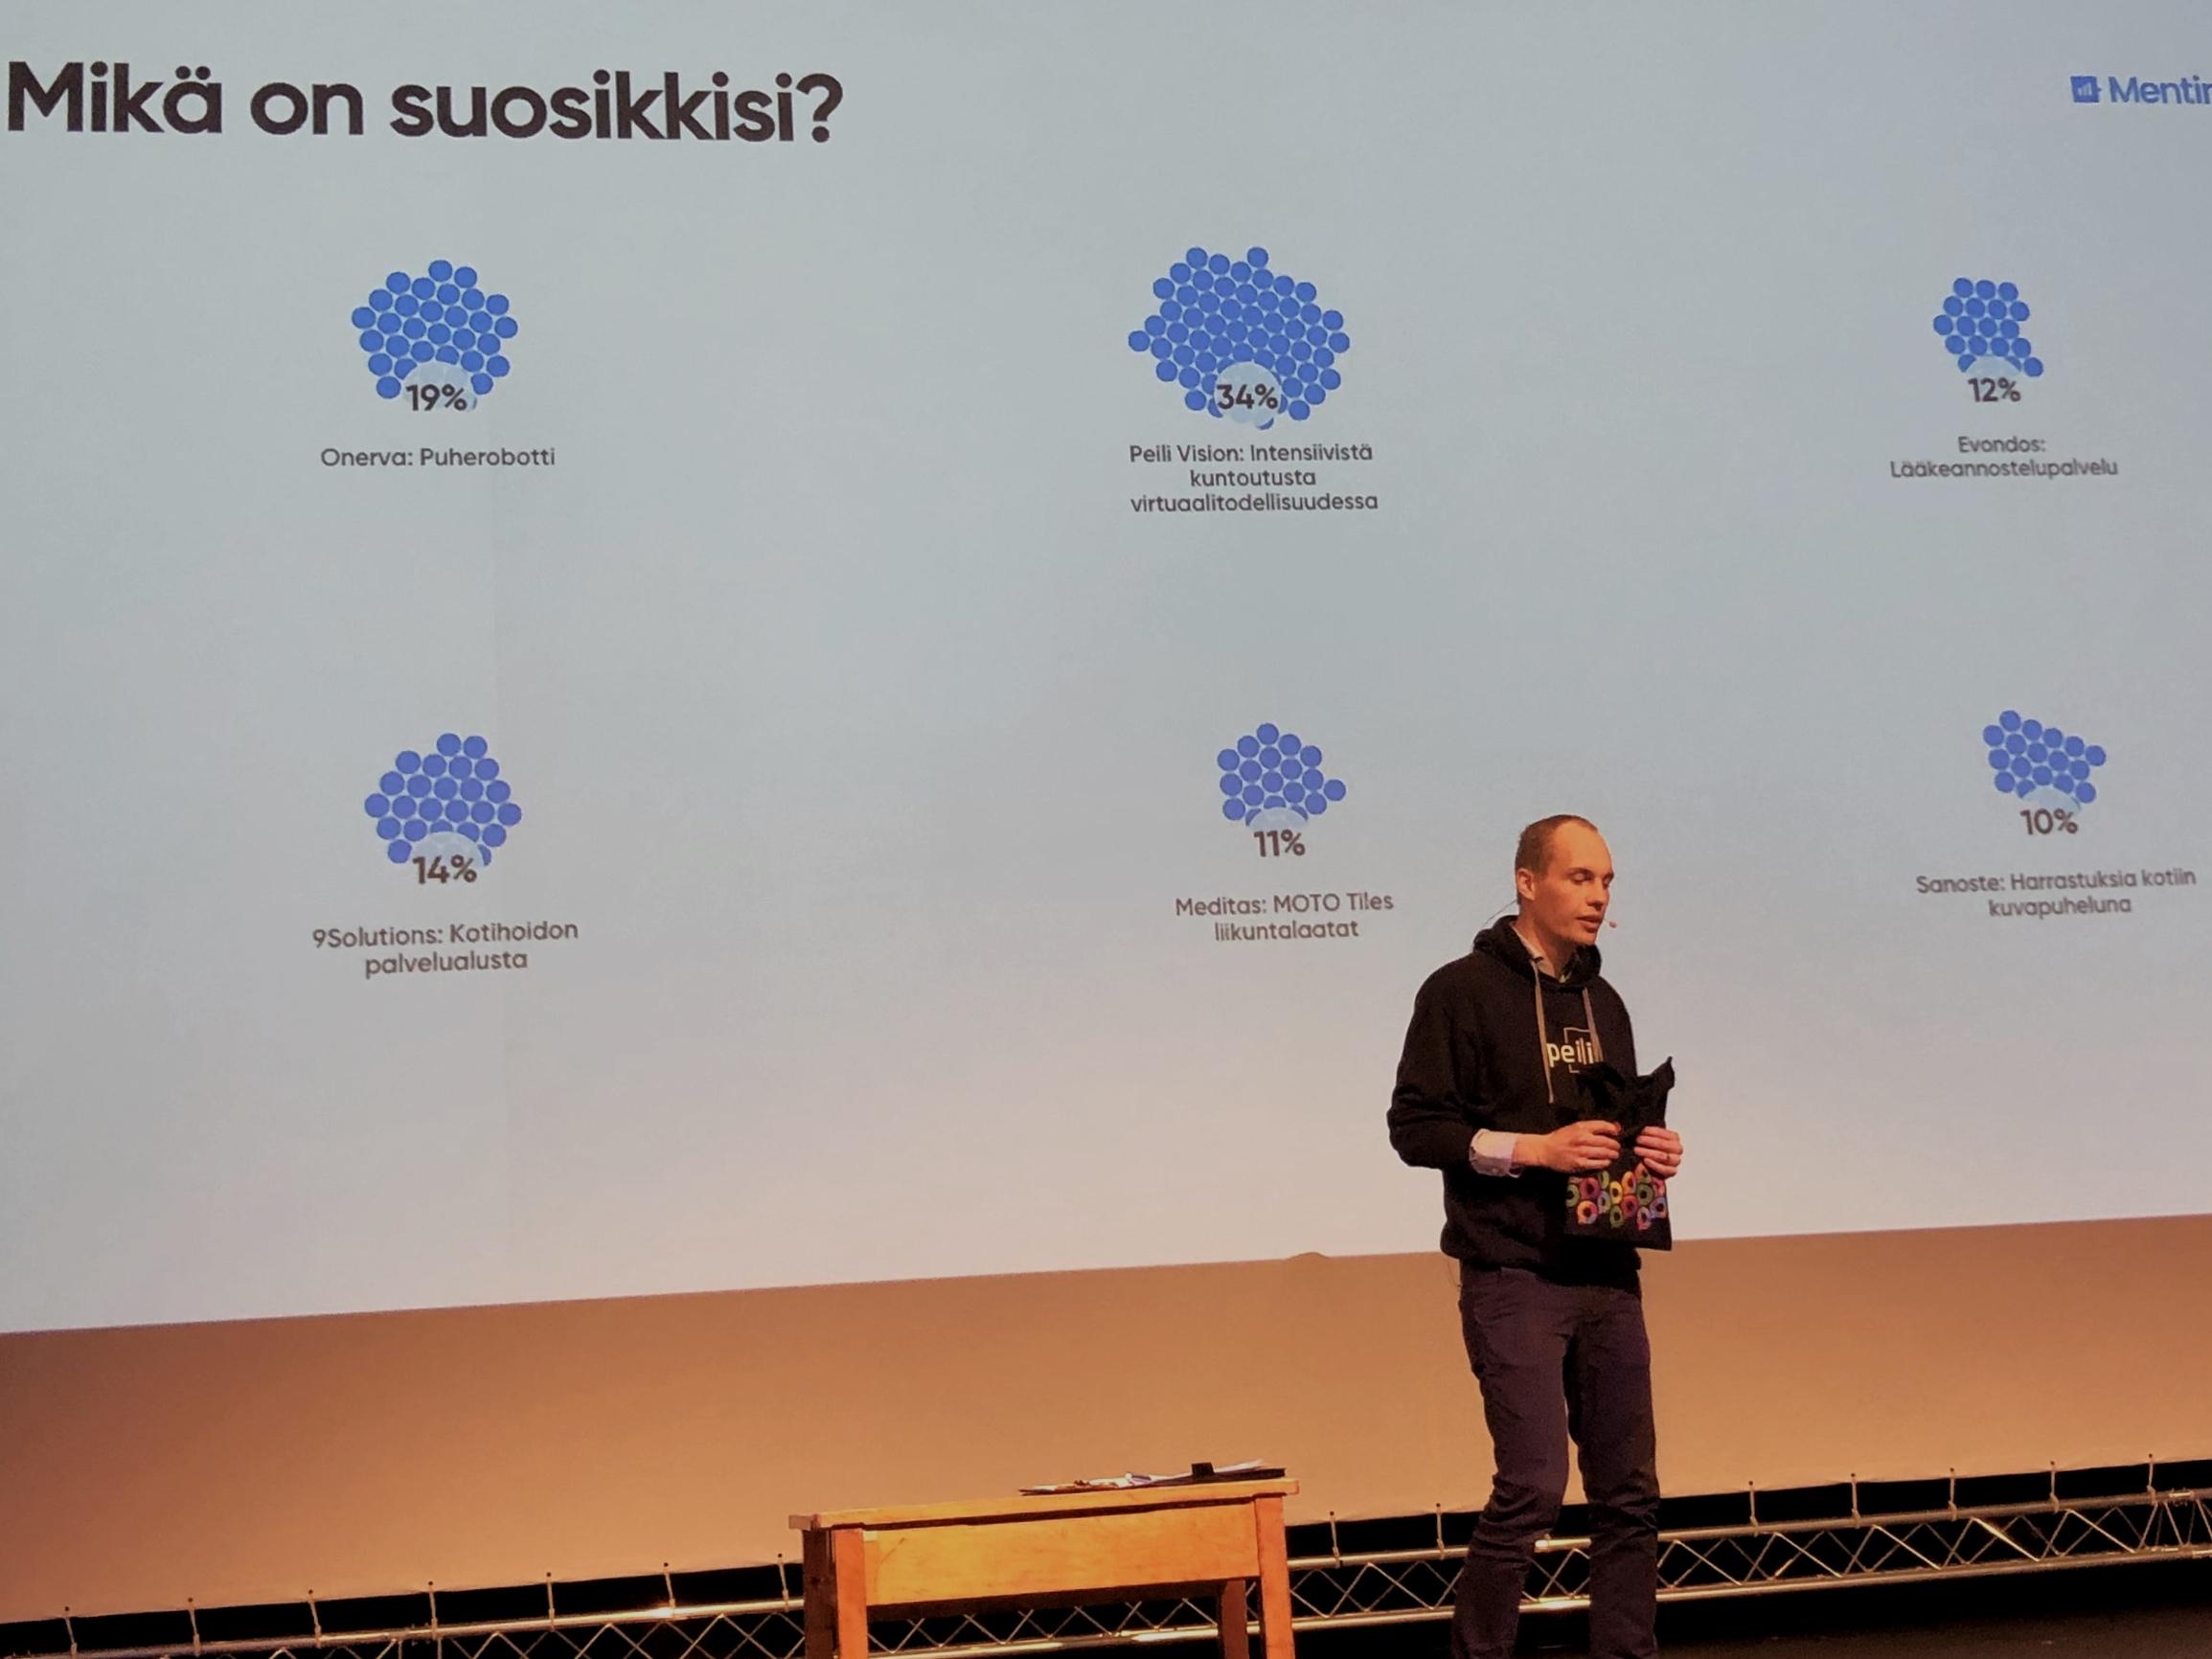 Hyvinvointiteknologian tuotteet esillä TERVE-SOS -tapahtumassa Oulussa. Kuvassa yleisön suosikki PeiliVision.